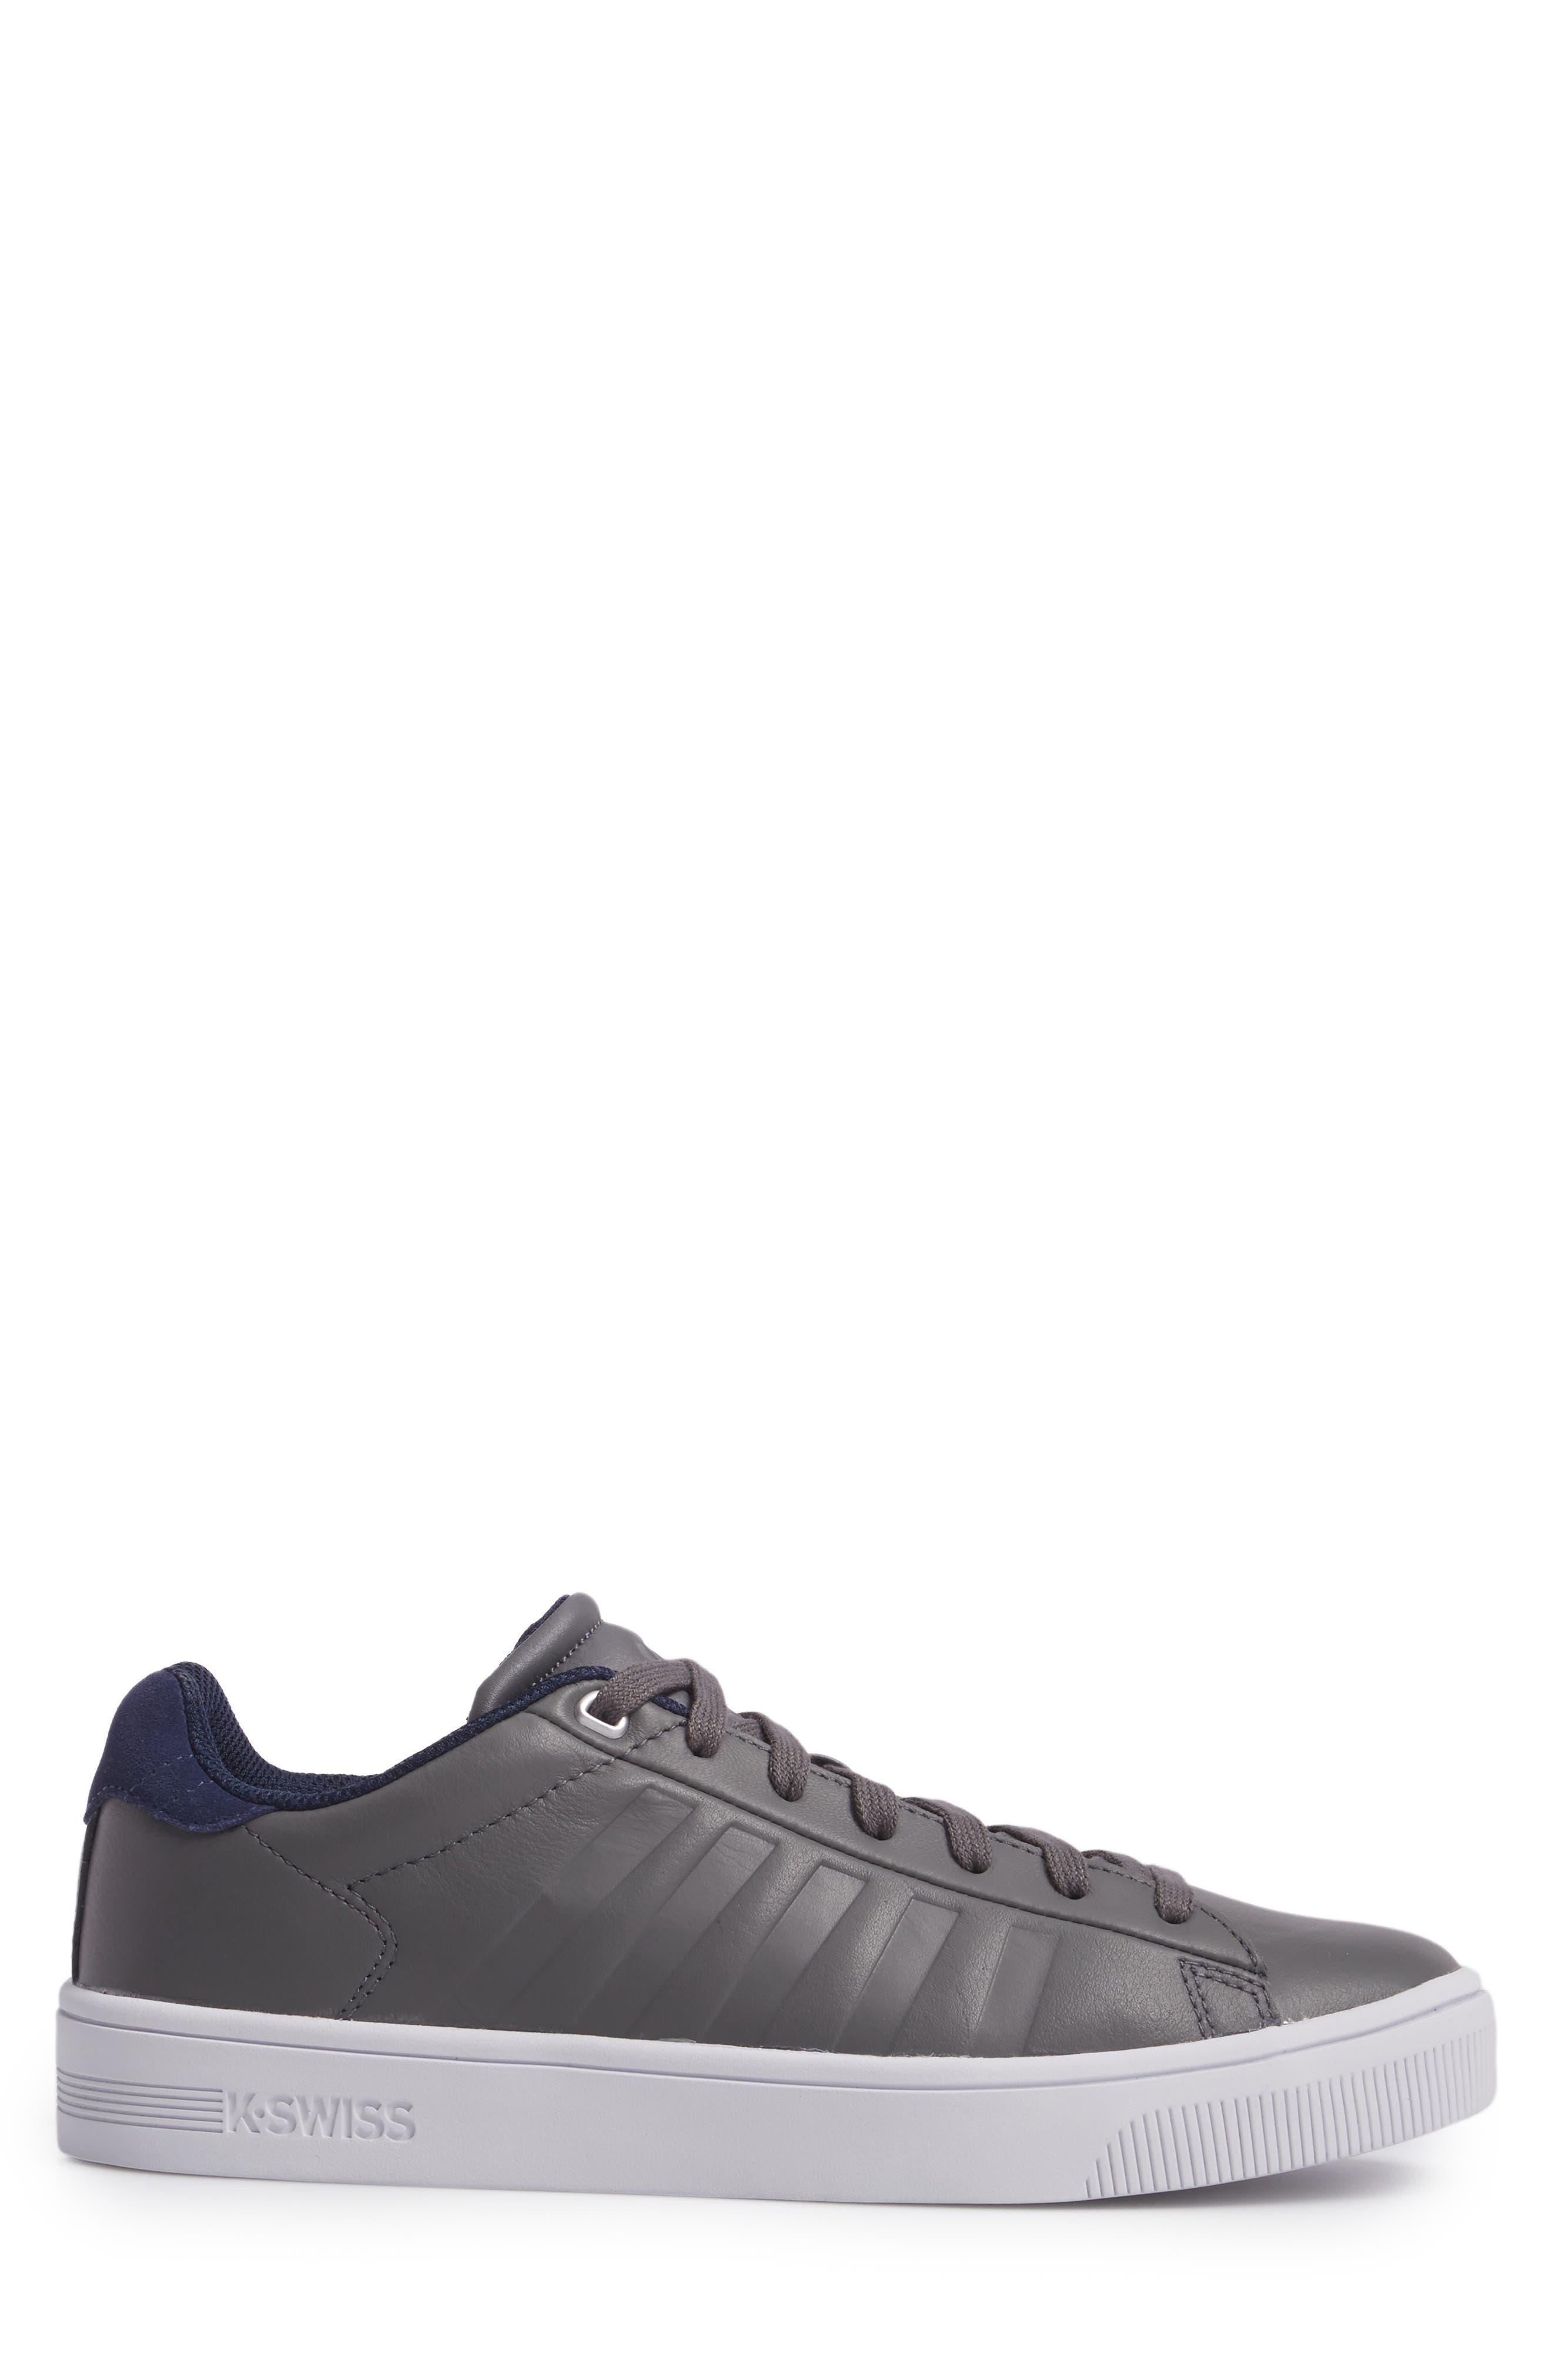 Court Frasco Sneaker,                             Alternate thumbnail 3, color,                             Pewter/ Patriot Blue